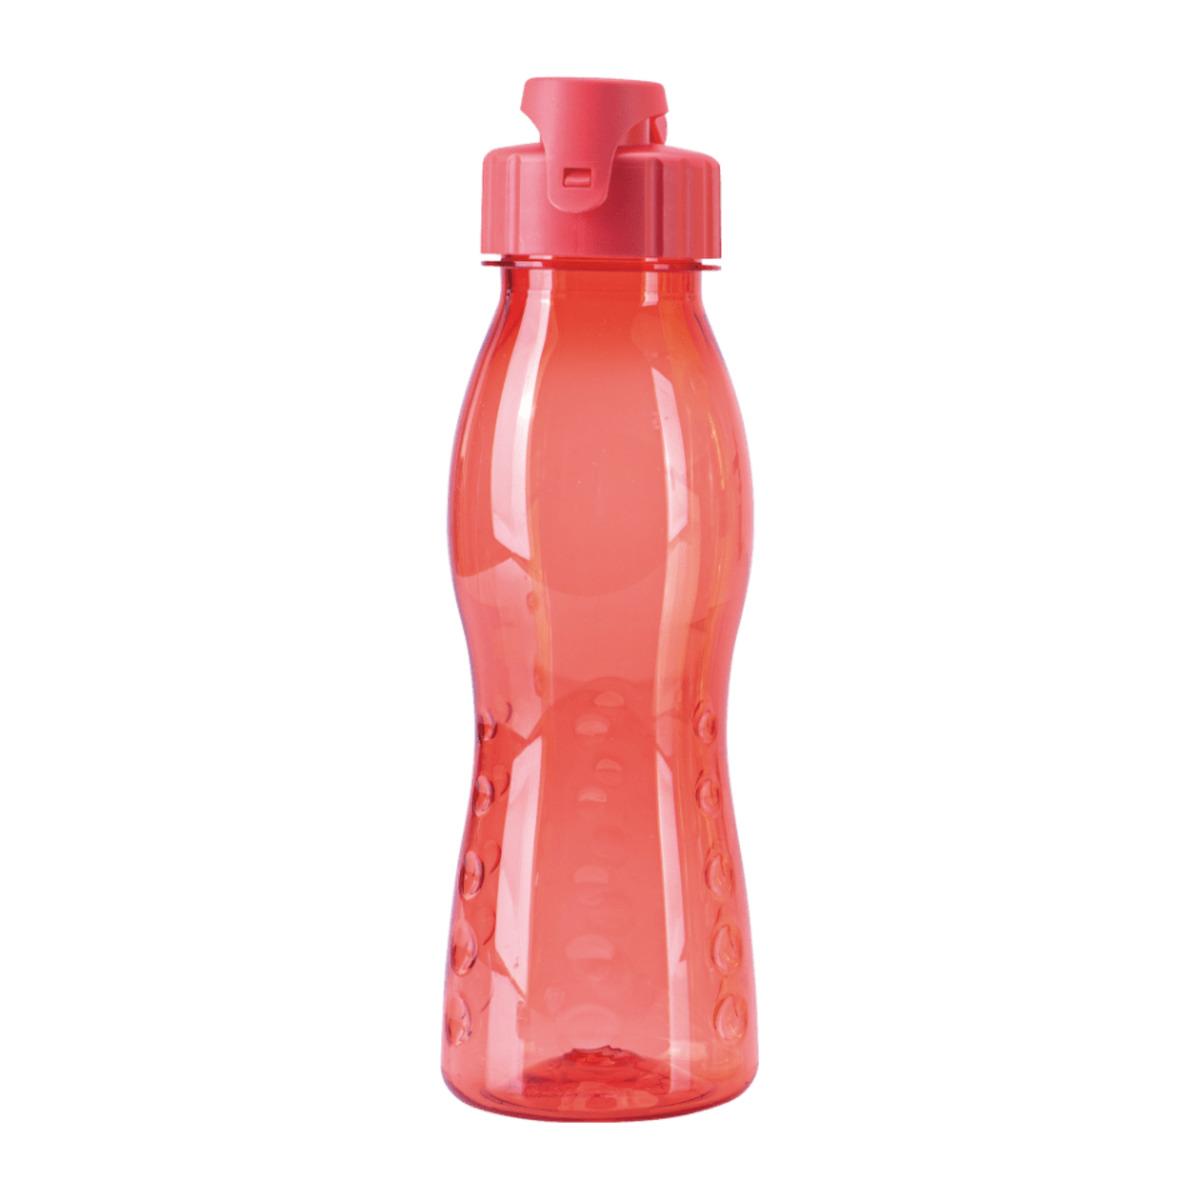 Bild 5 von HOME CREATION     Trinkflasche